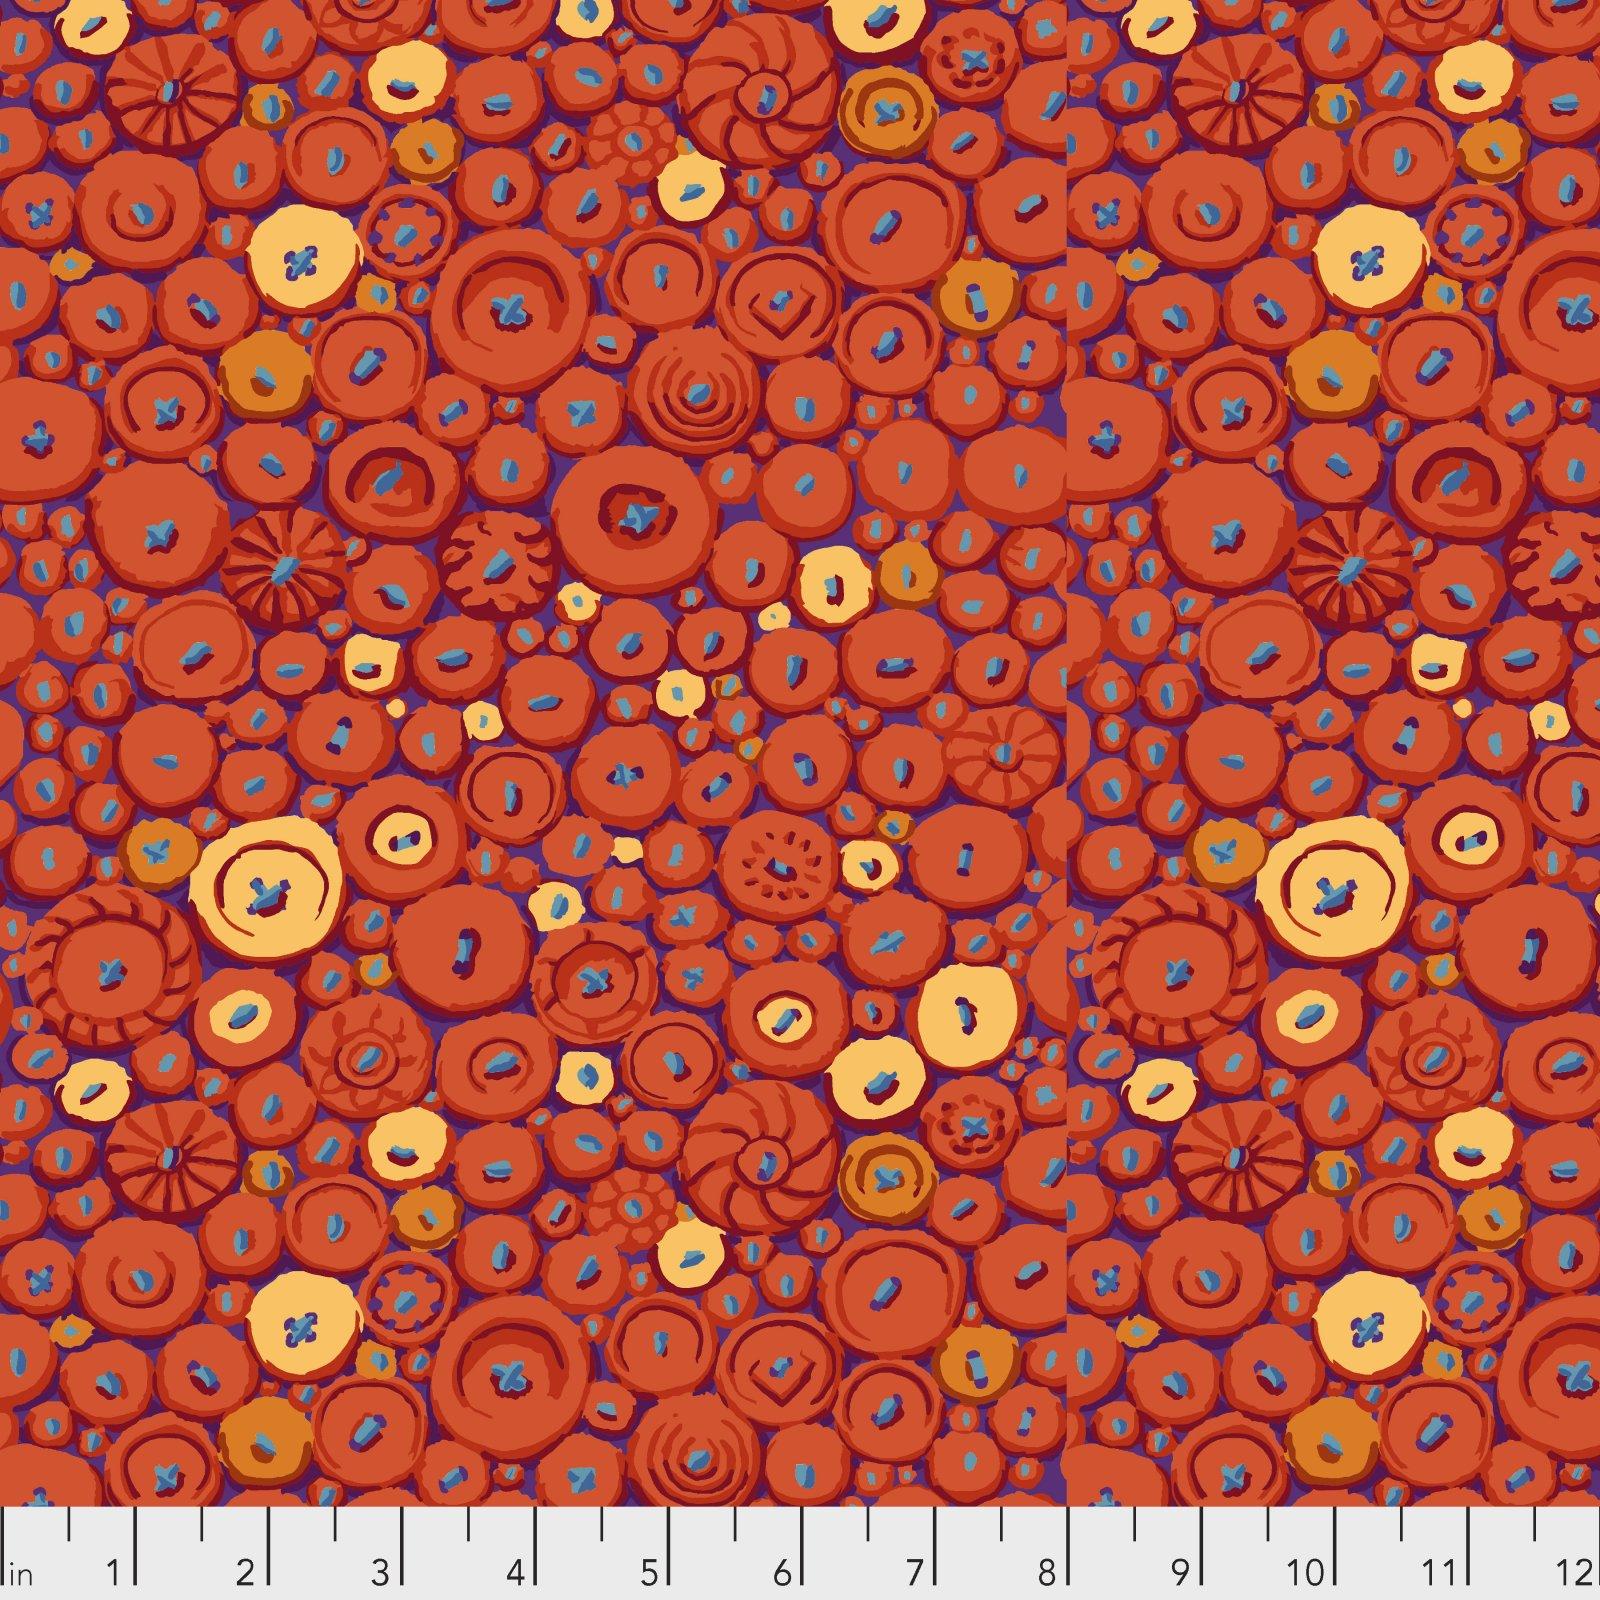 PWGP182.ORANGE - Button Mosaic